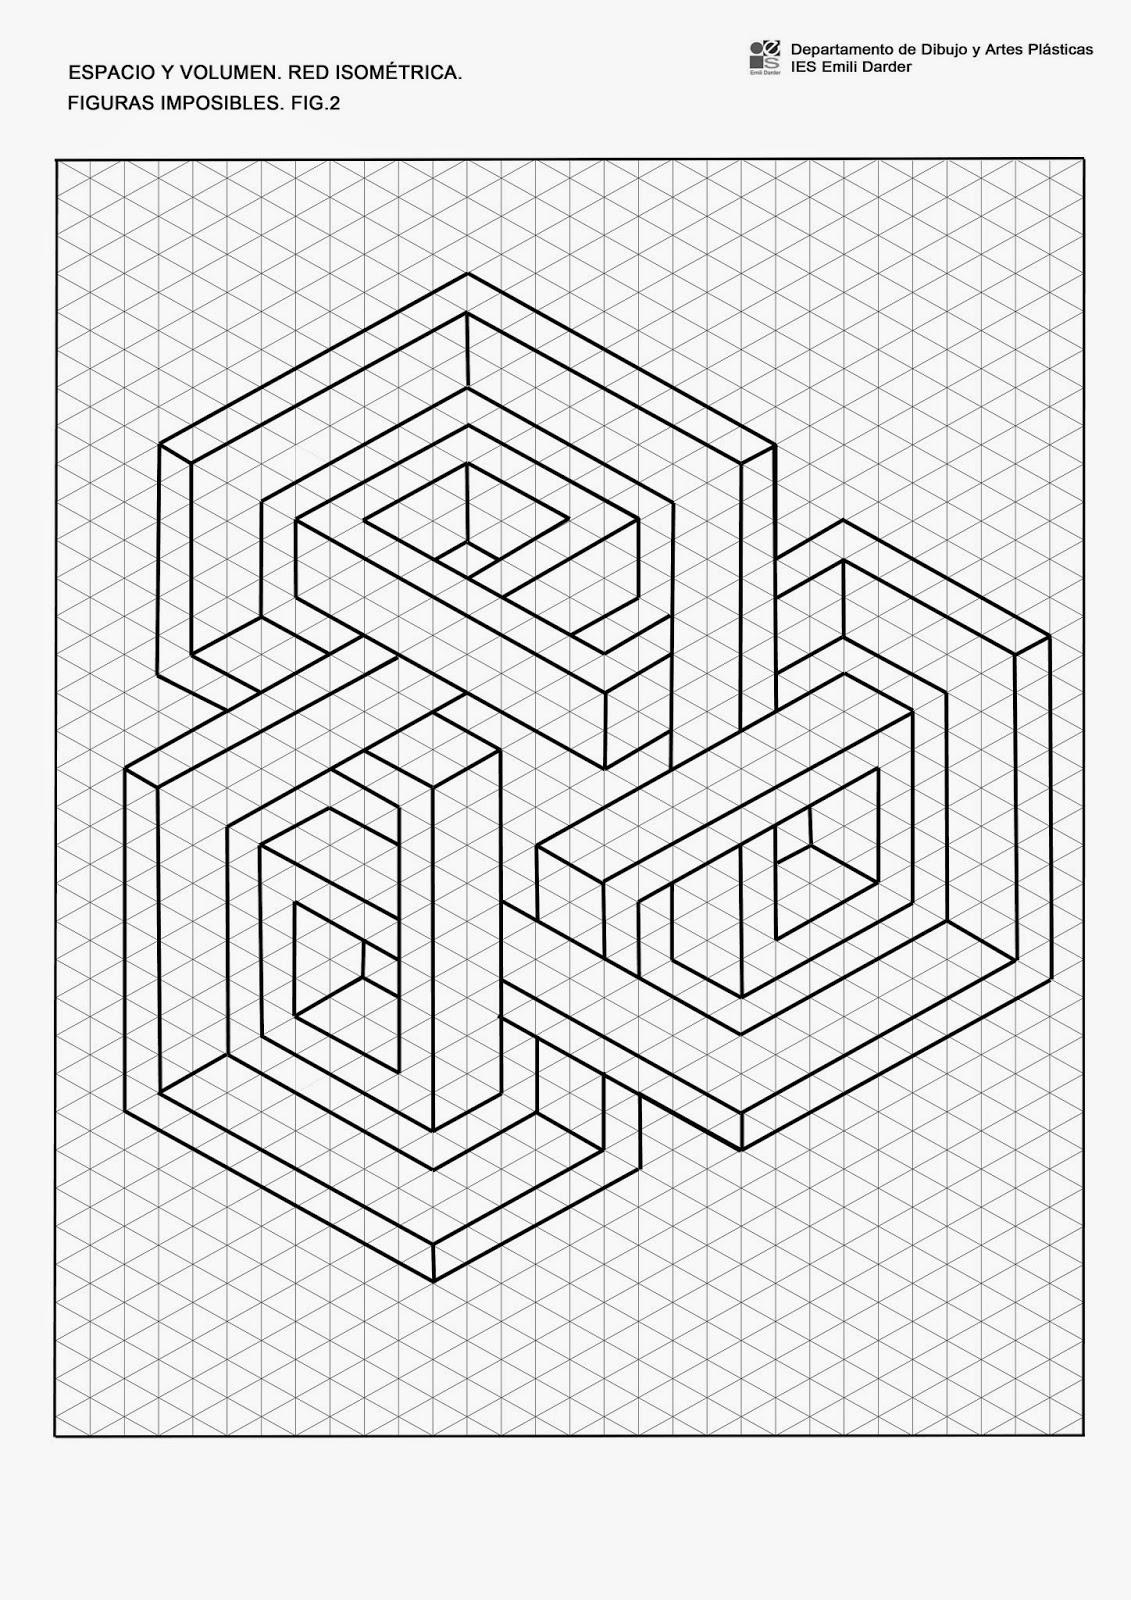 Espacio y volumen red isom trica figuras imposibles - Figuras geometricas imposibles ...